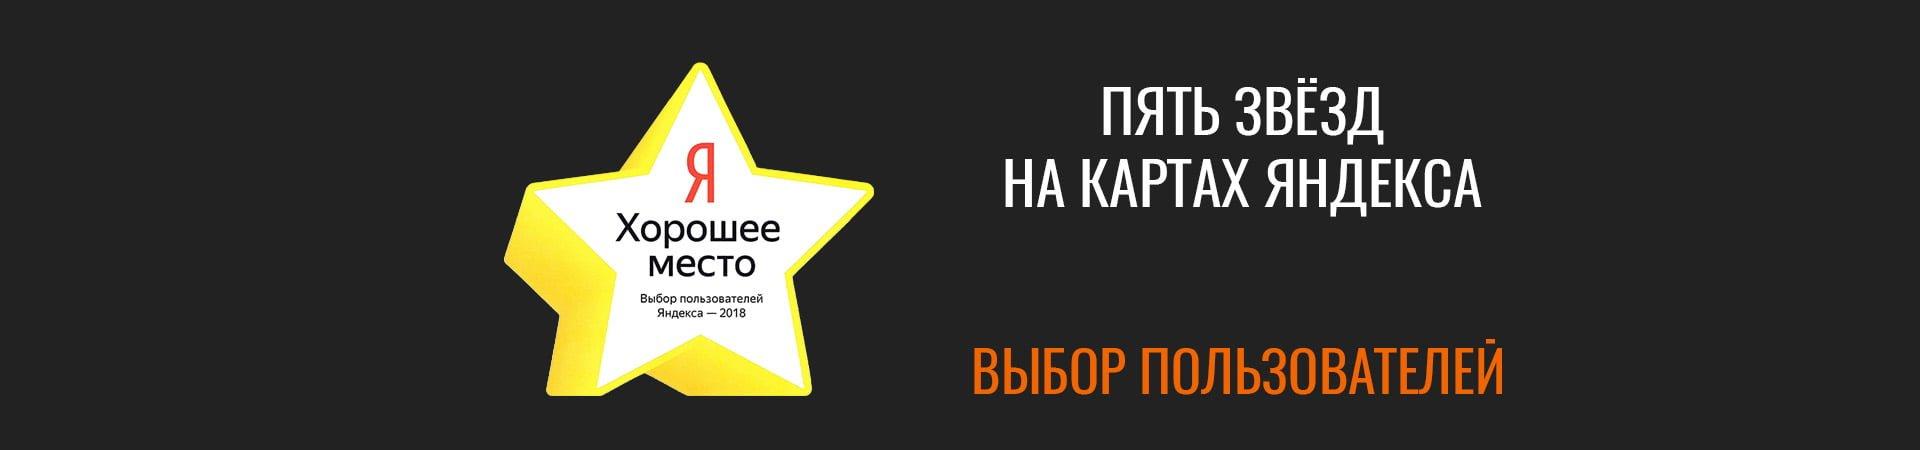 ТРС-Моторс – выбор пользователей Яндекс